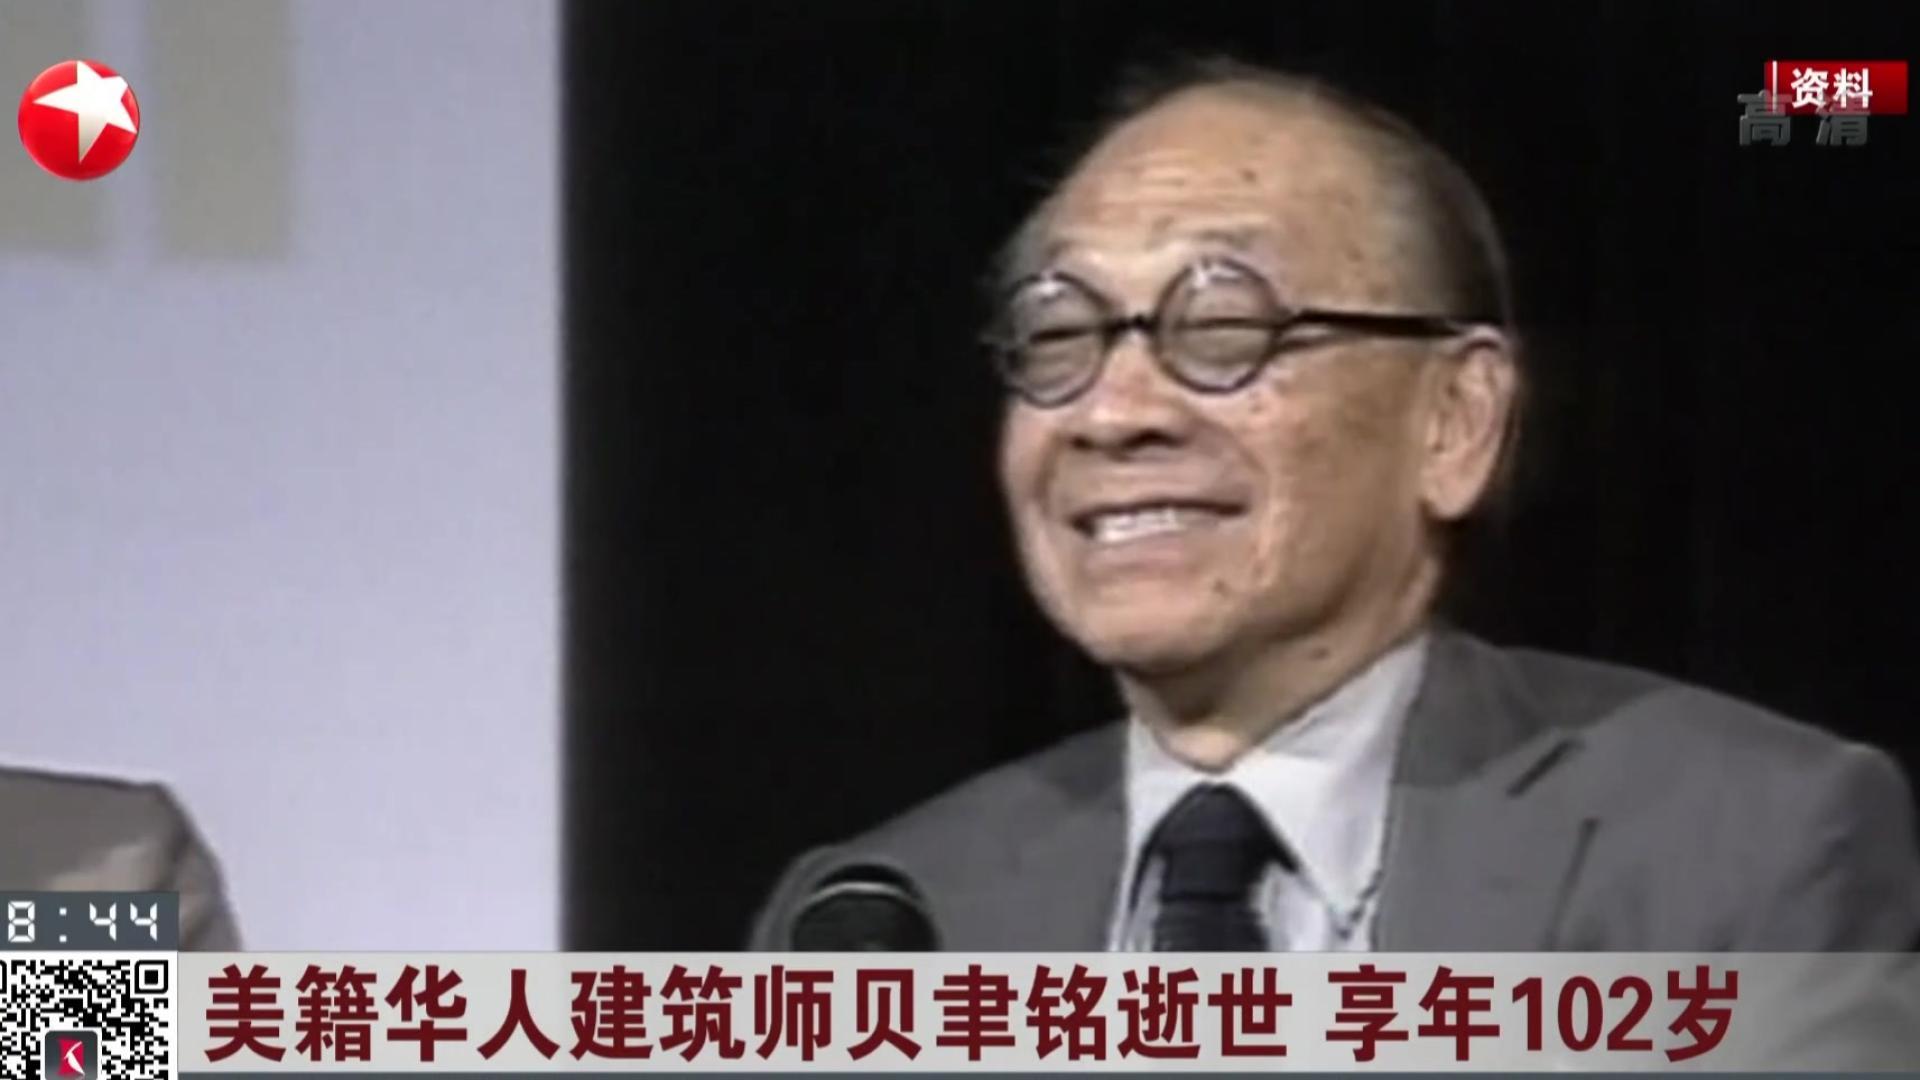 美籍华人建筑师贝聿铭逝世 享年102岁